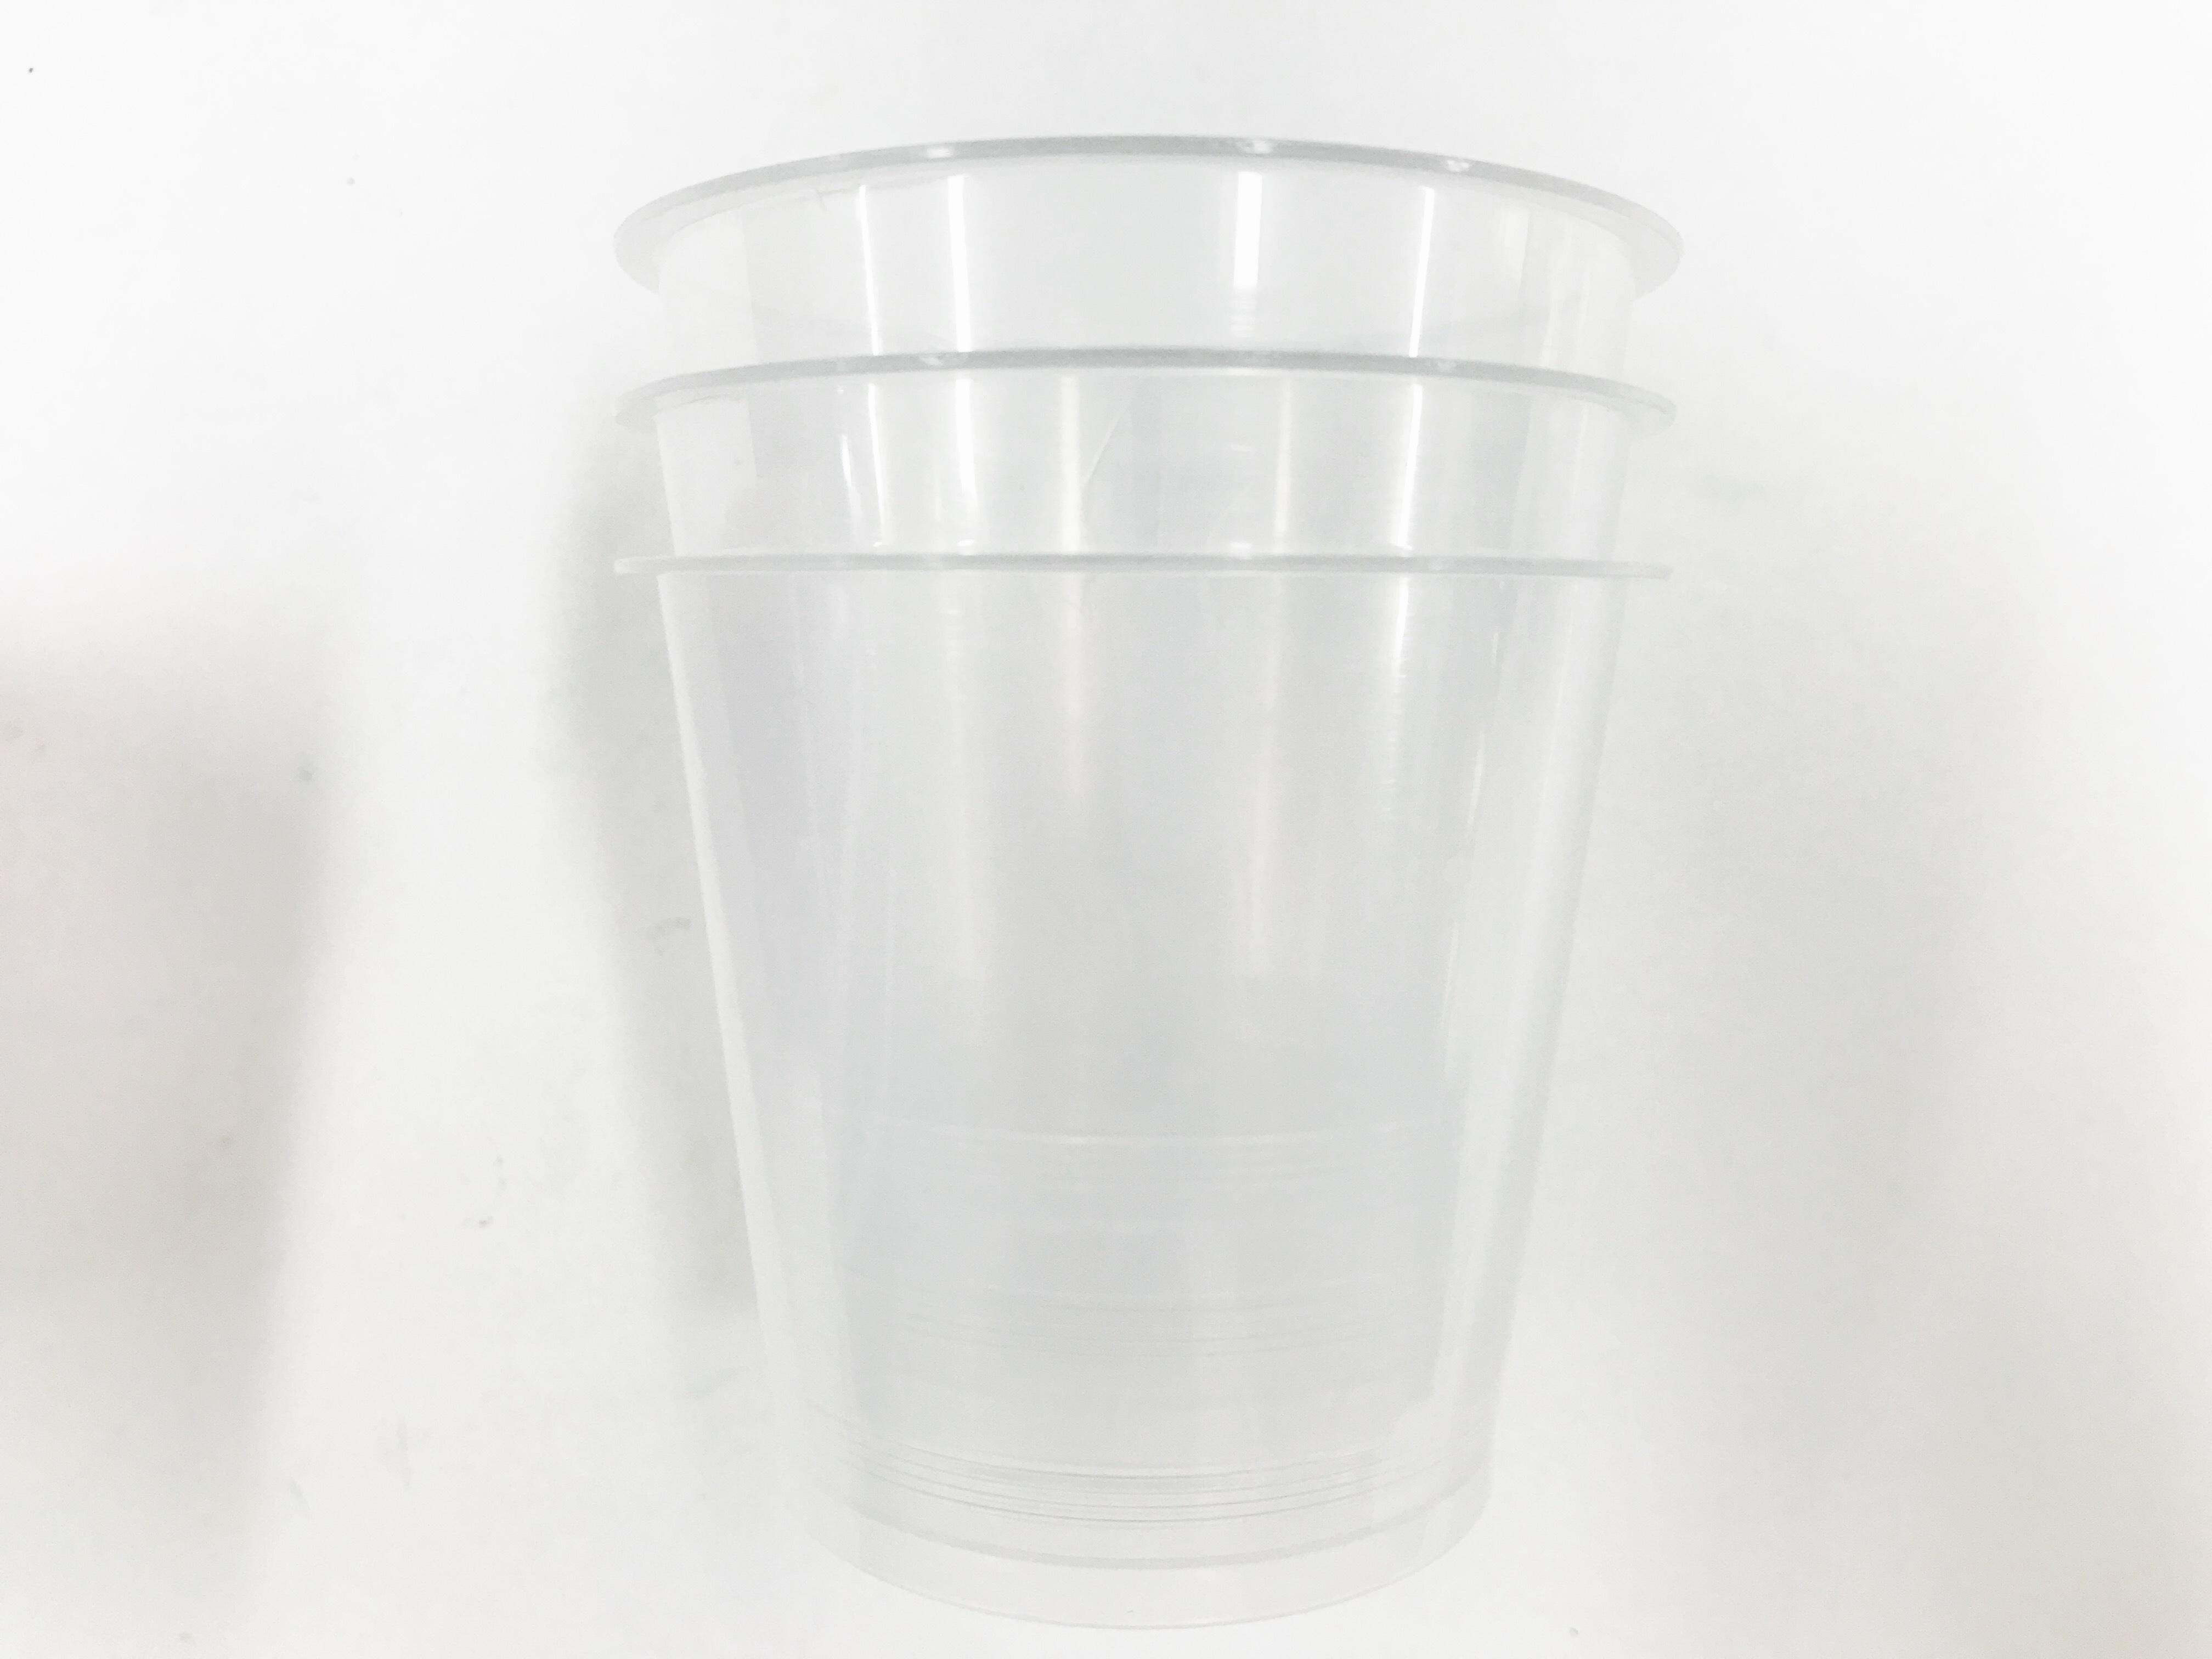 宝石石けん用 プリンカップ 30個